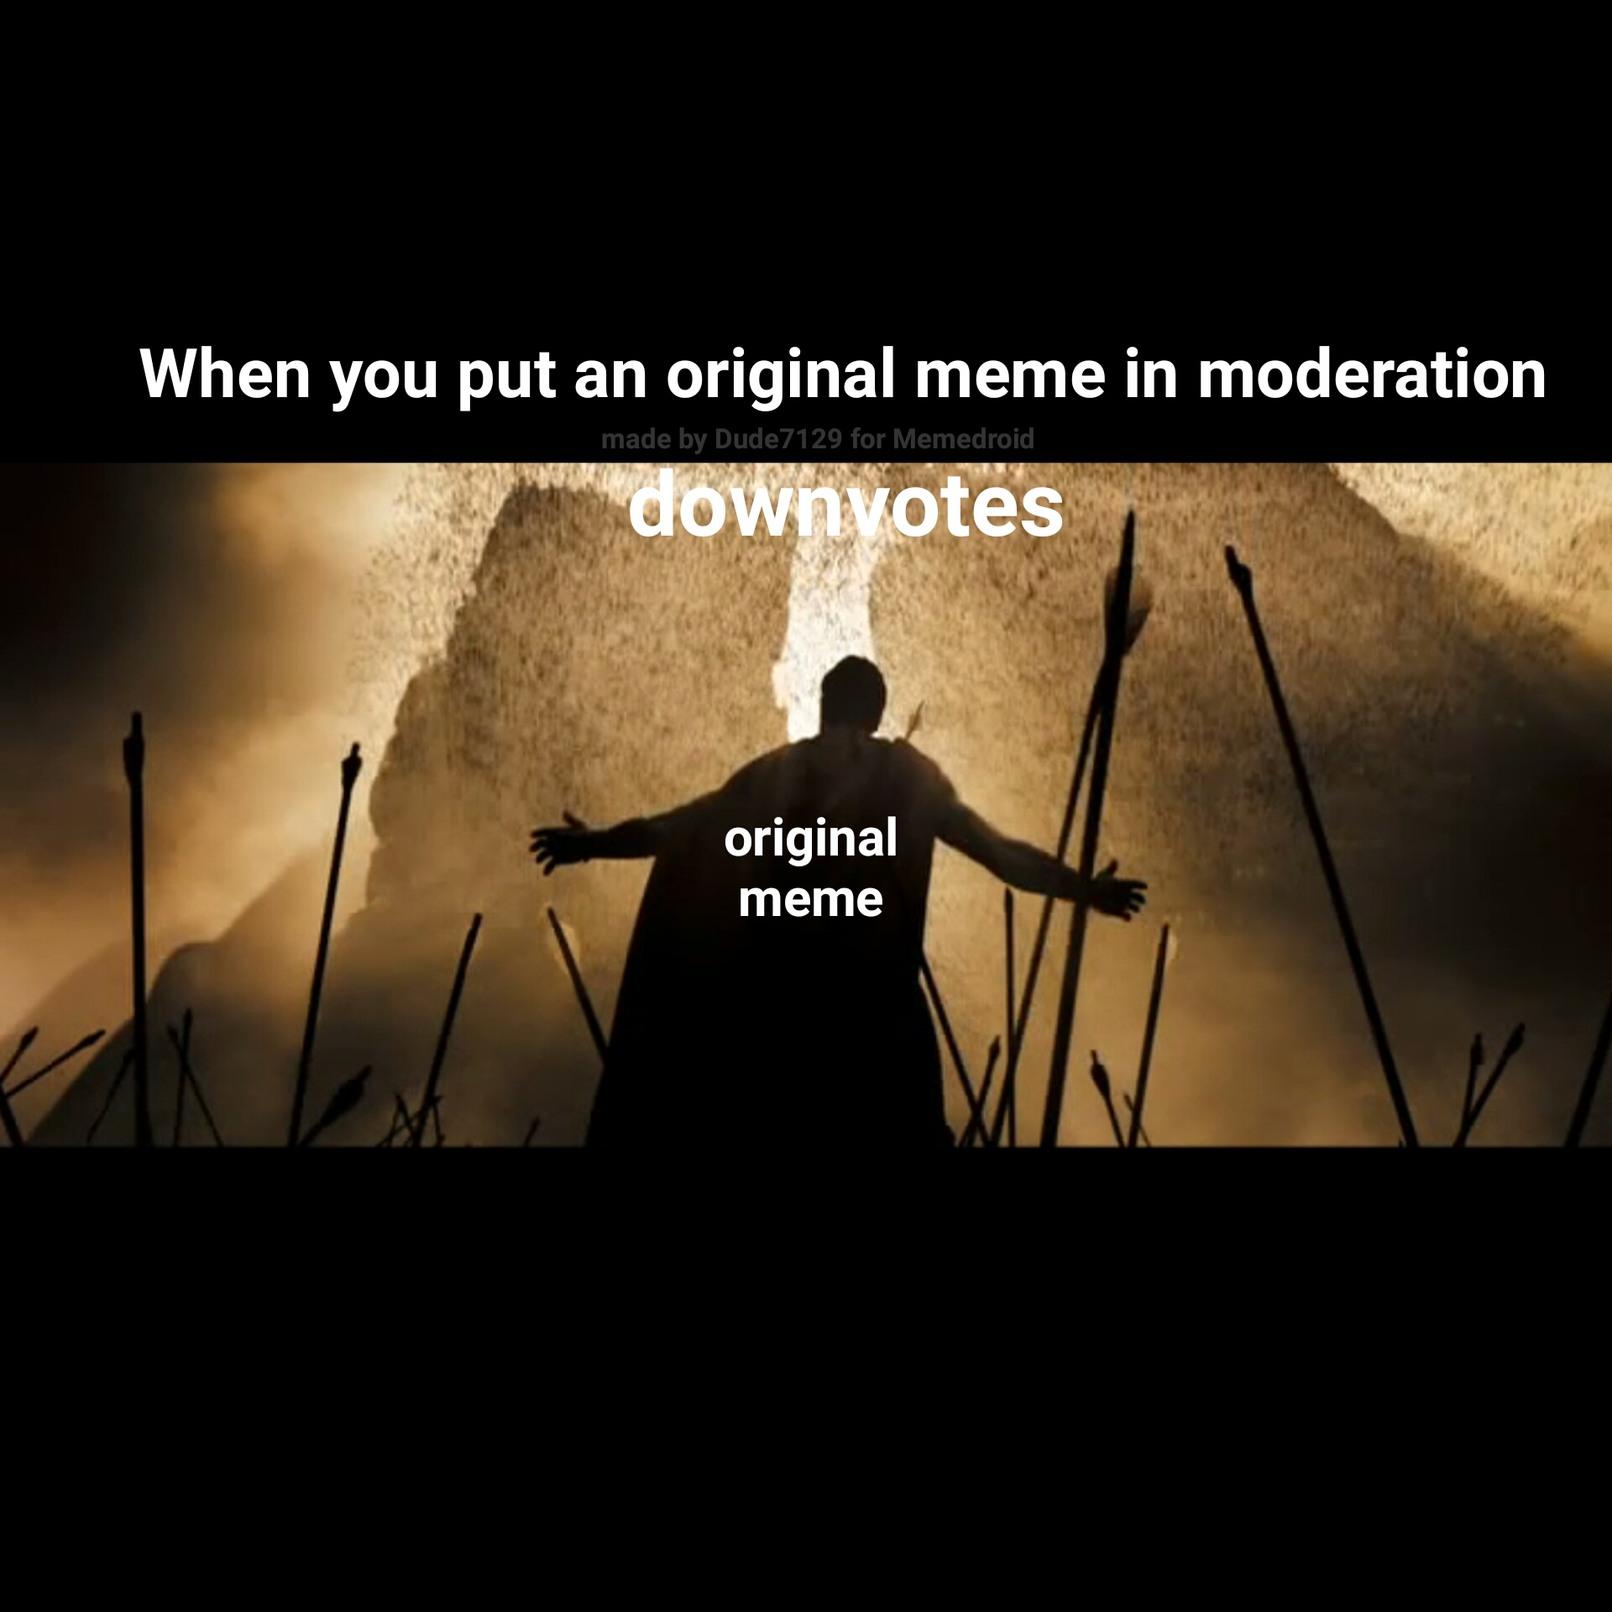 R.i.p my meme